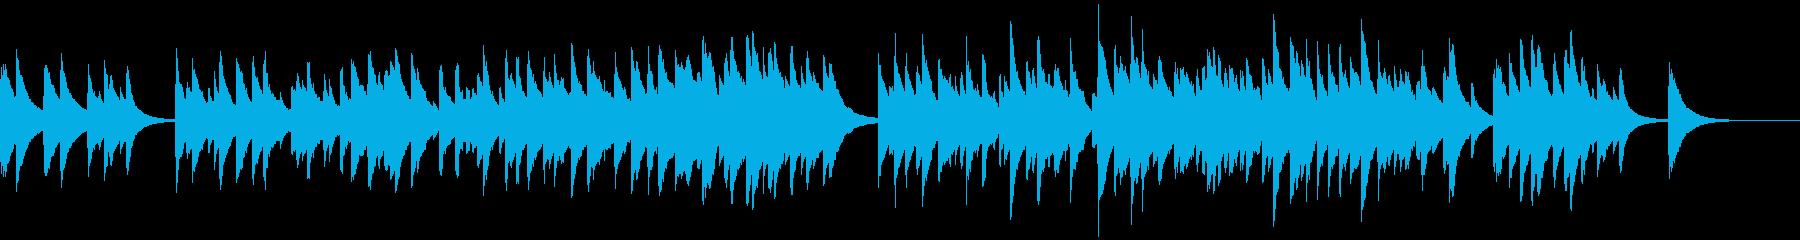 ポップで前向きな感じのオルゴール曲の再生済みの波形